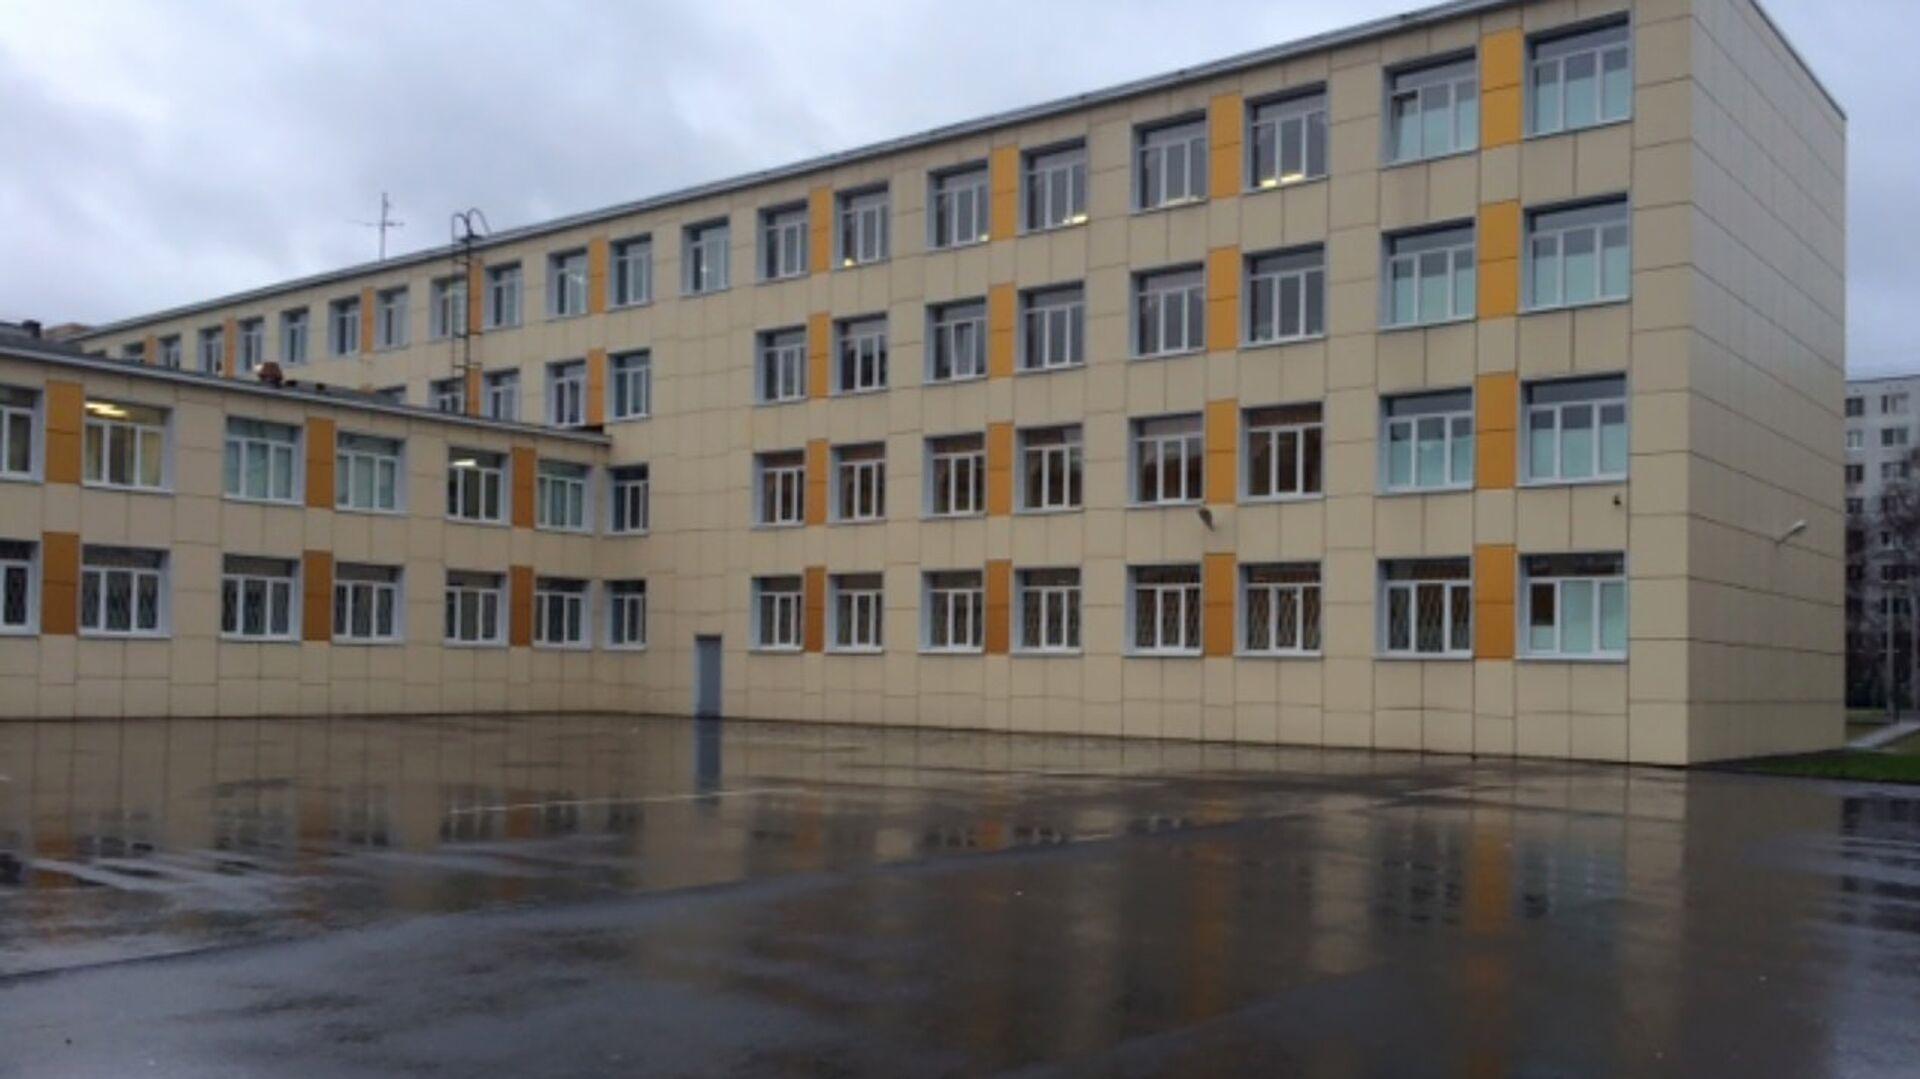 Глава СК поручил проверить инцидент с подростком, стрелявшим в Петербурге